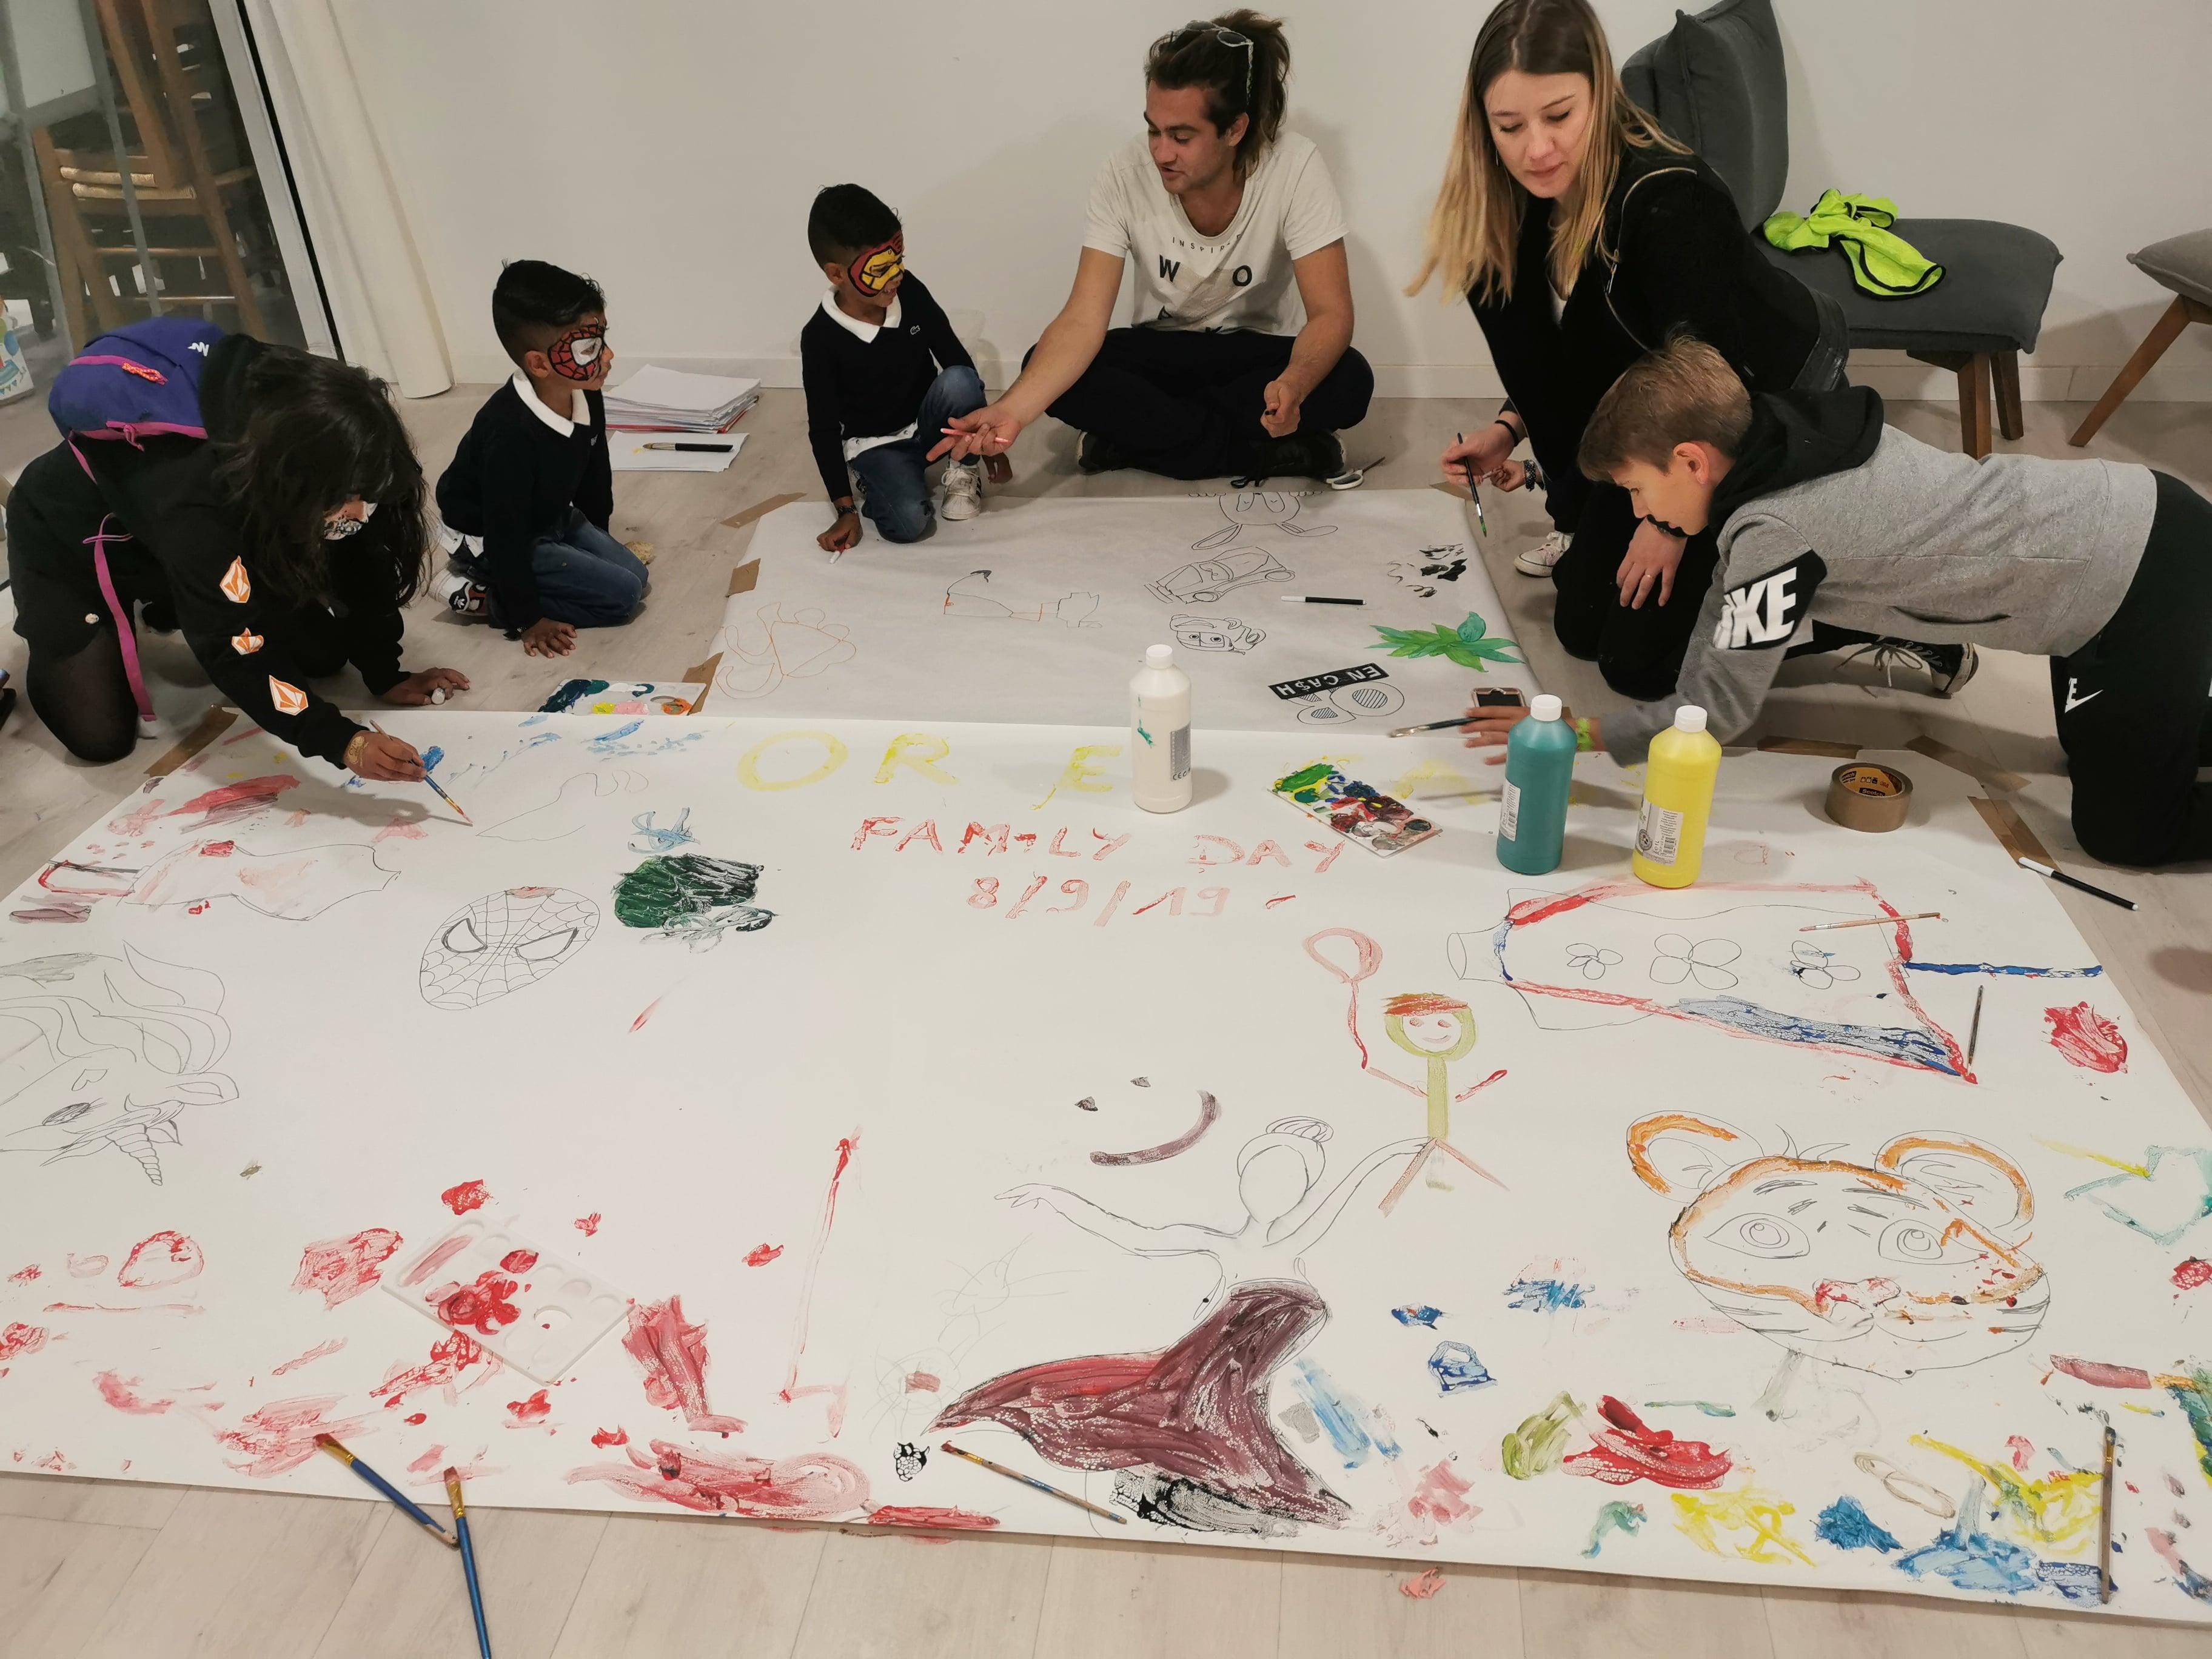 Professionnel - Family Day - Or en Cash - EdenHappy - Animations pour enfants